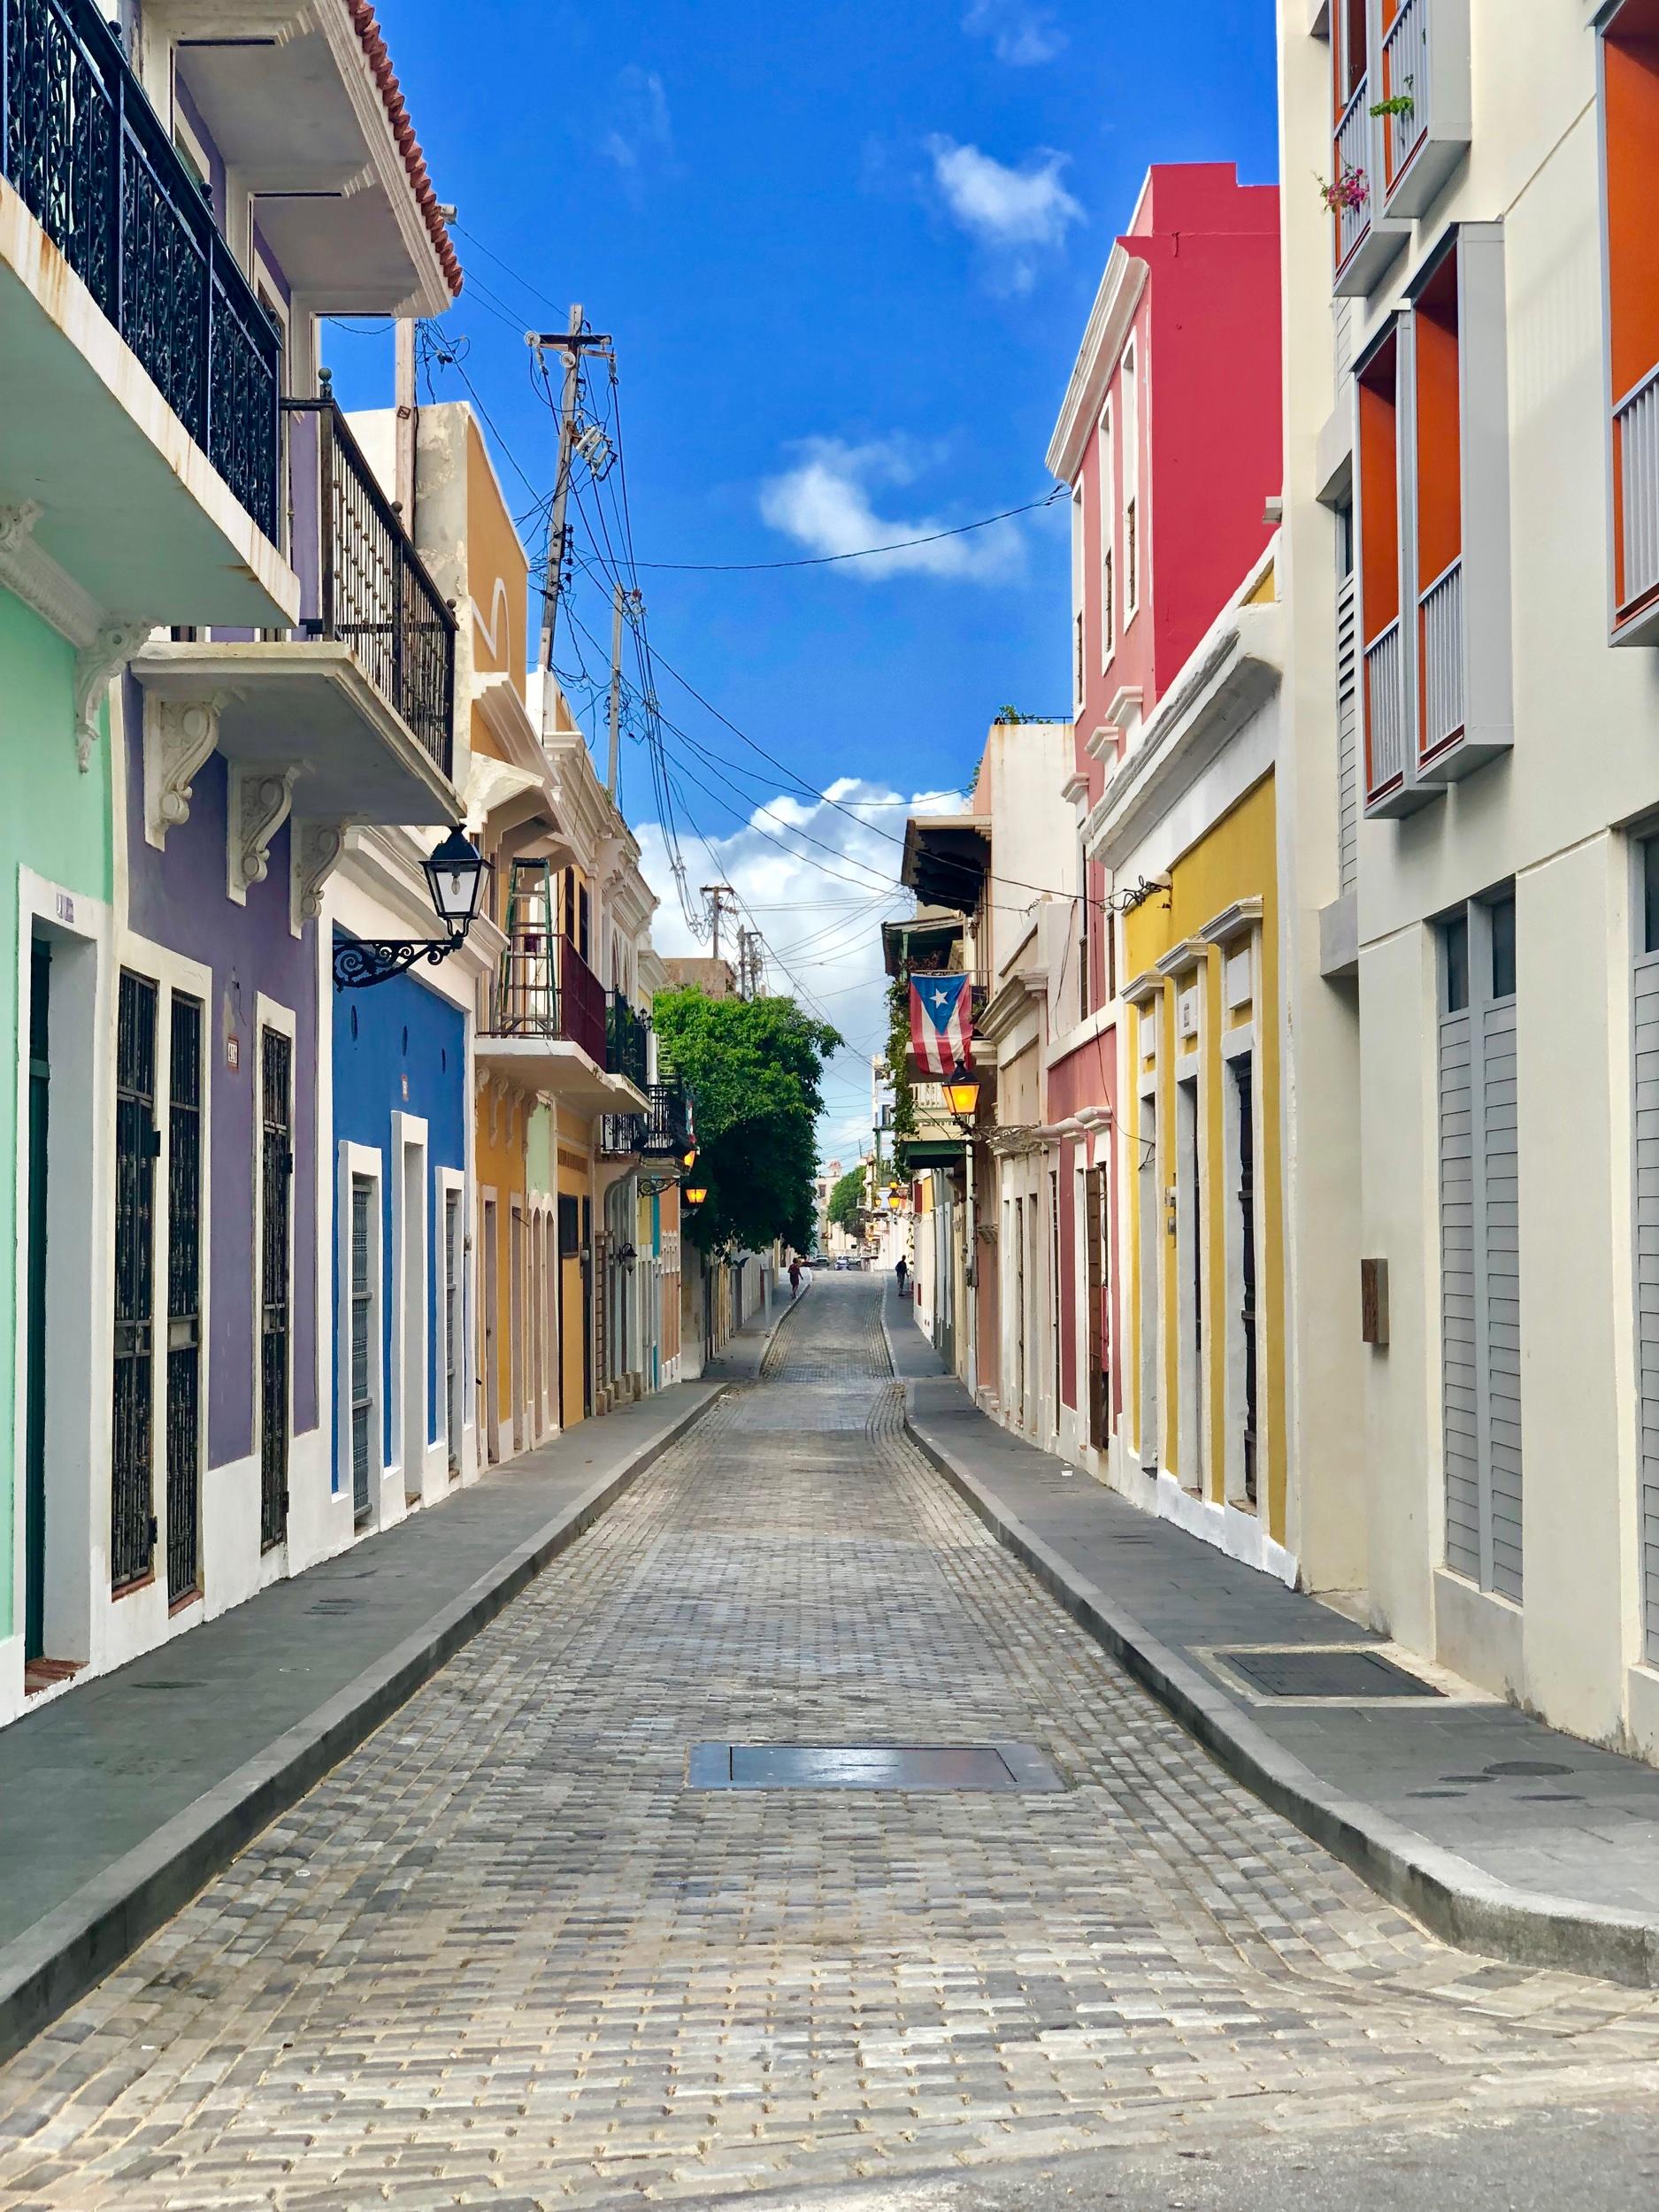 Camina el viejo san juan - 1. Caminar Viejo San Juan: La ciudad vieja de San Juan es probablemente una de las más hermosas de arquitectura colonial de todo el continente americano. Perderse en sus calles es una experiencia llena de historia y rastros europeos. Sus fuertes son los mejores conservados de todo América. Llena de edificios históricos de acceso completamente gratuito. Con espectaculares spots para tomar fotos. Puedes llegar en bicicleta, auto o caminando. No dejes de visitar la histórica zona de la Perla.